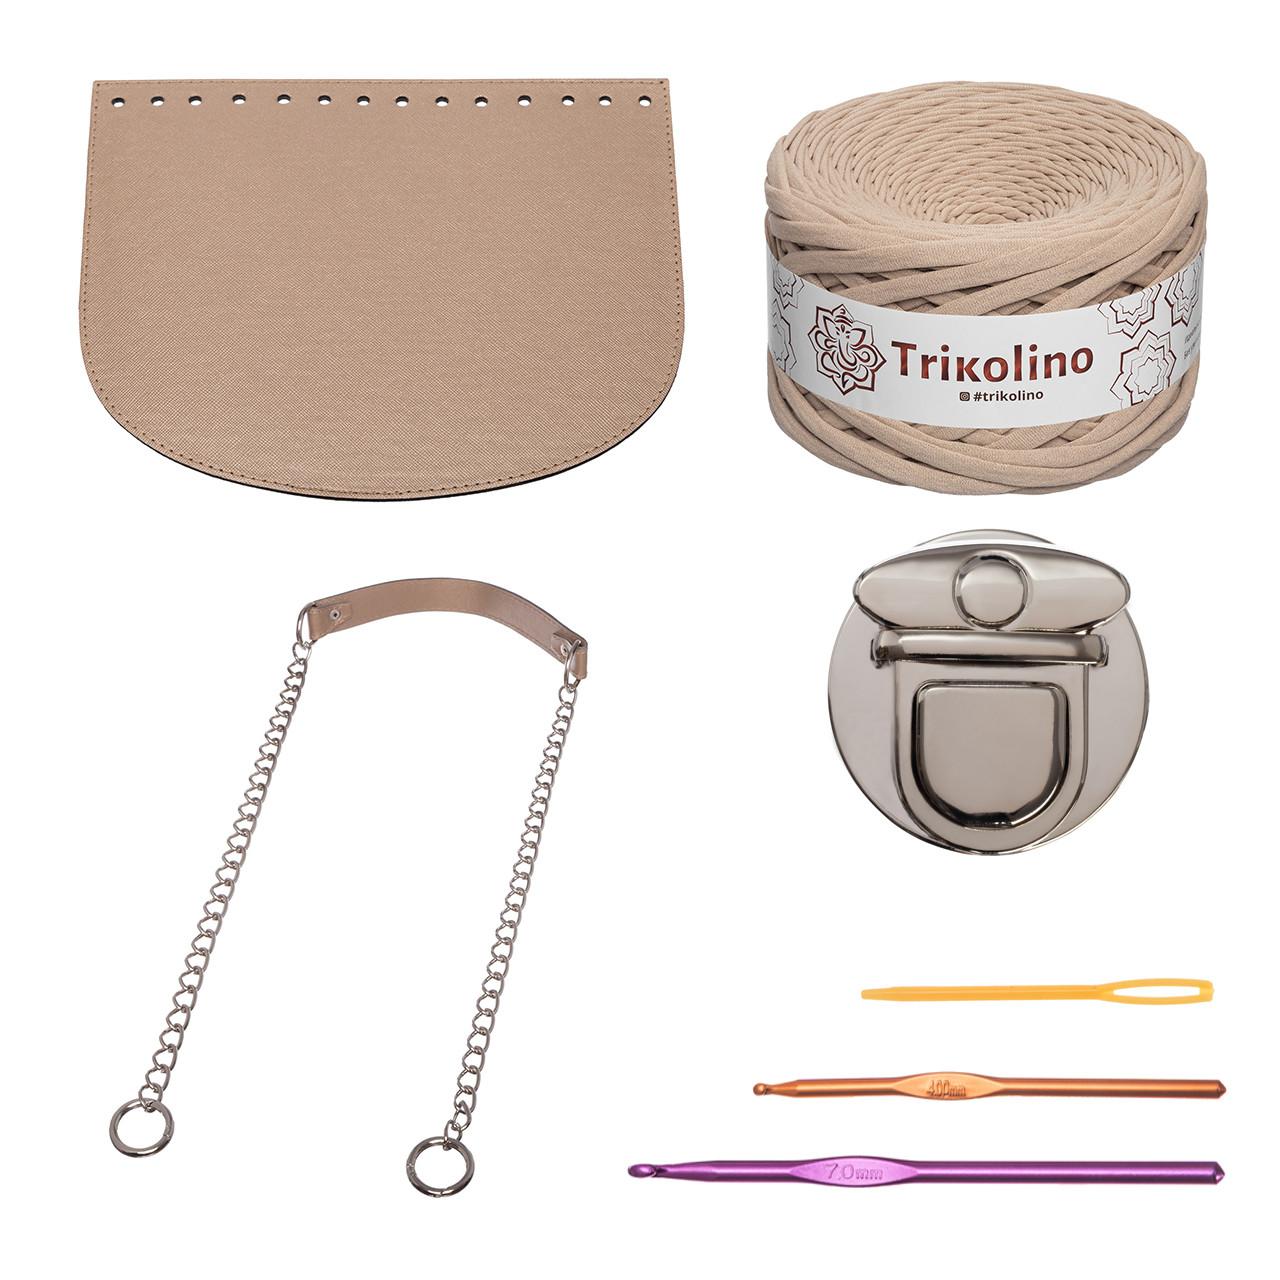 Набор для сумки-ракушки Орео МАКСИ Бронза+Кофе с молоком, фурнитура серебро